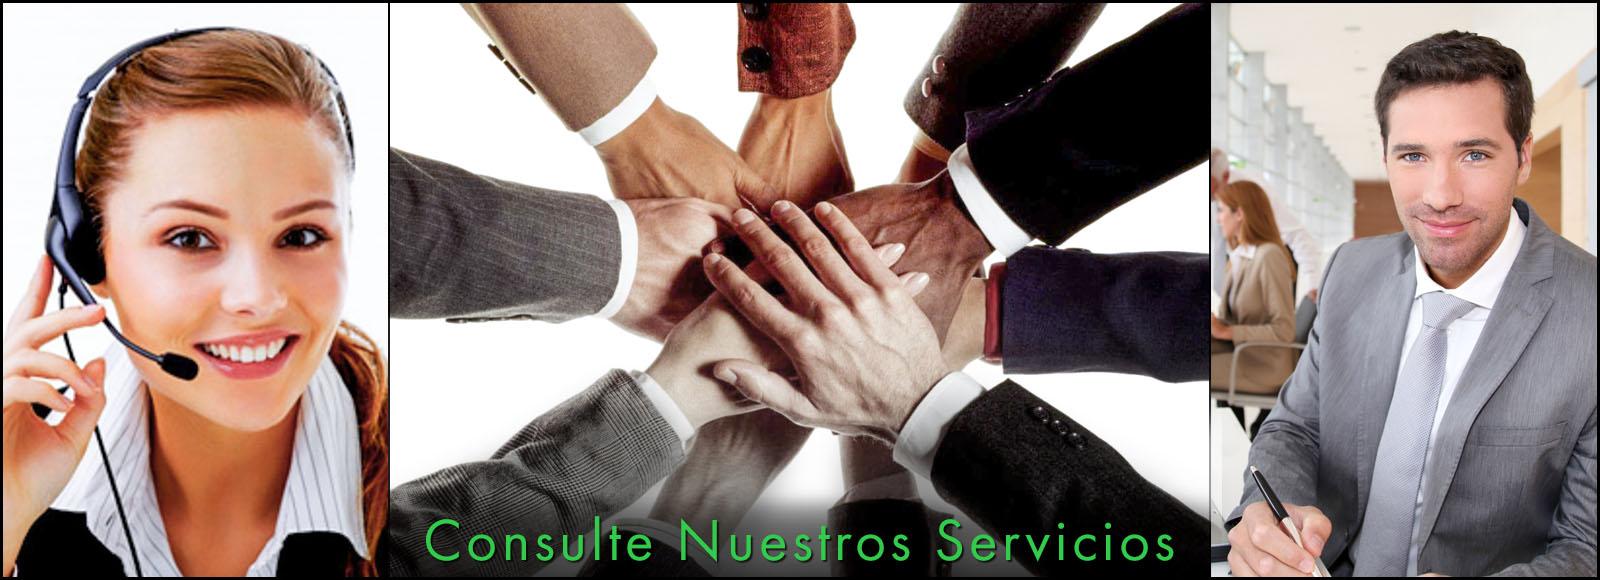 Consulte Nuestros Servicios Spanish